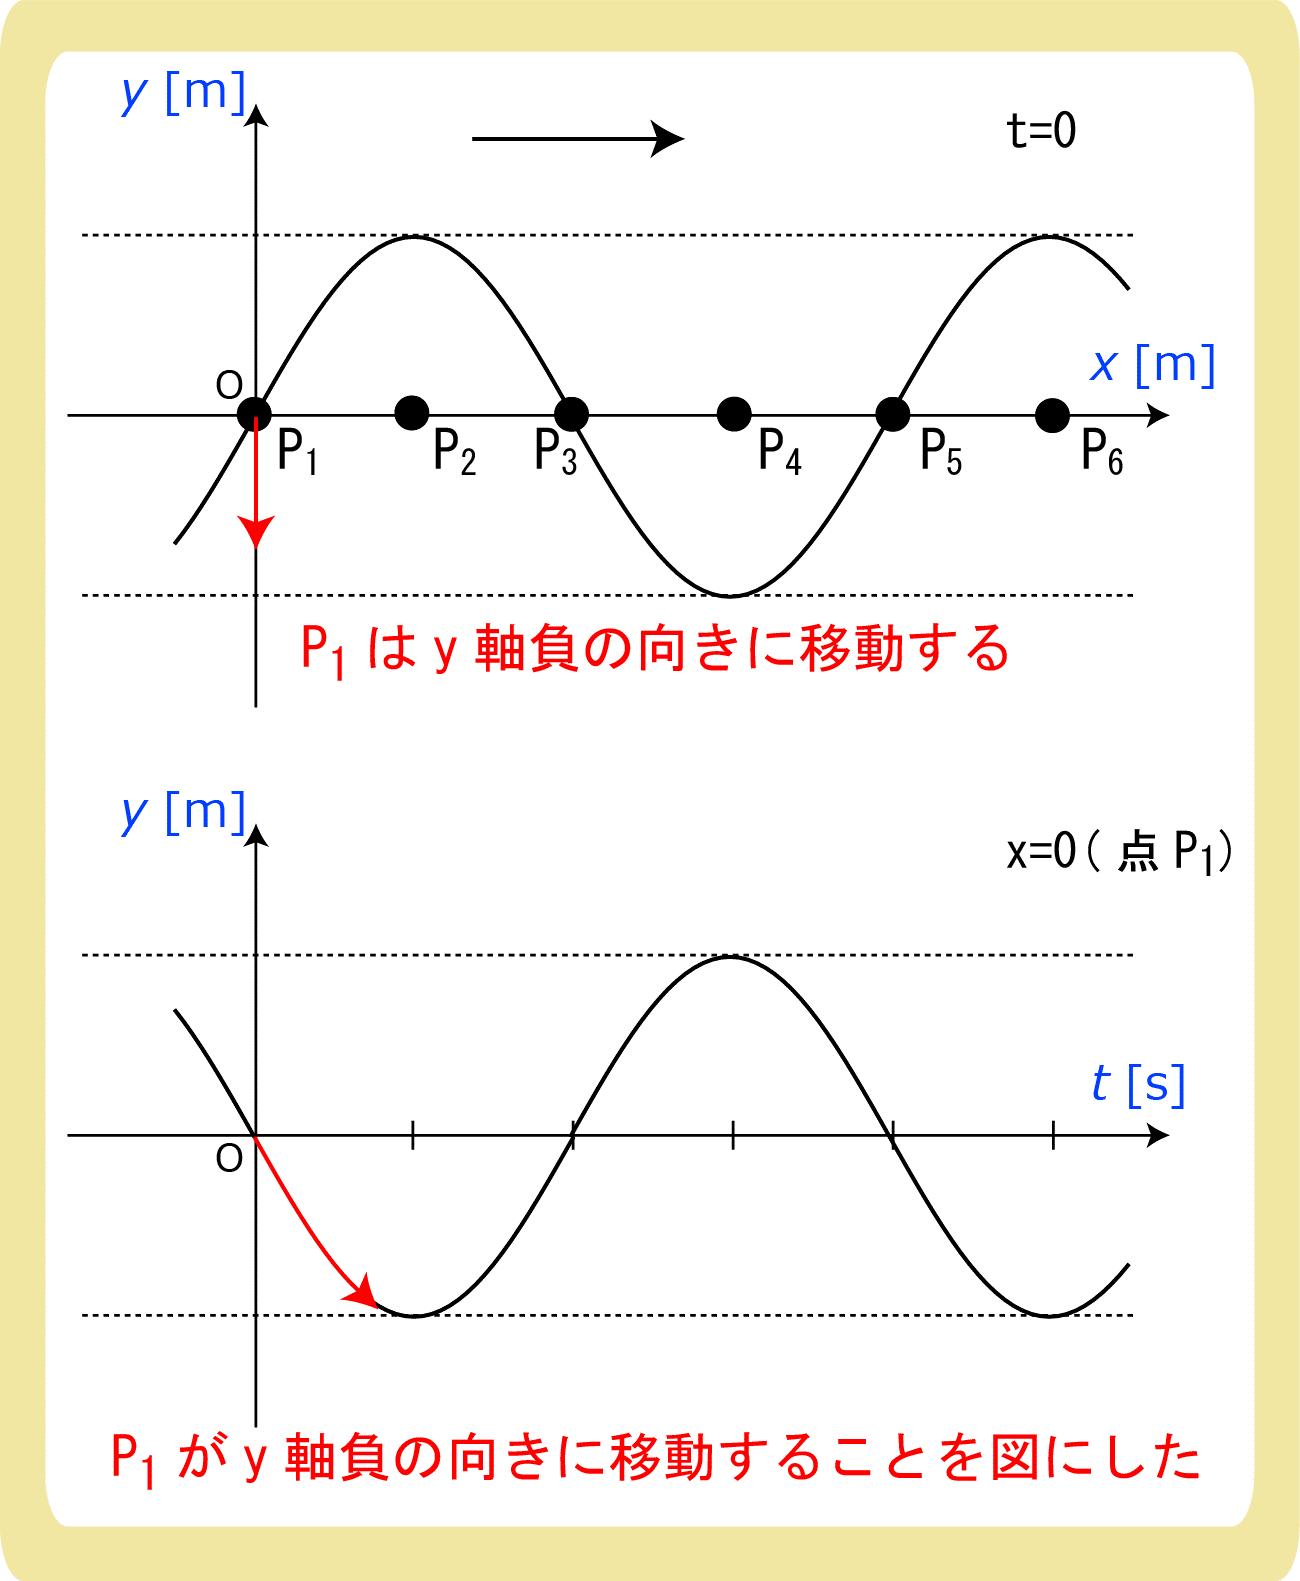 Y-XグラフからY-Tグラフにする方法